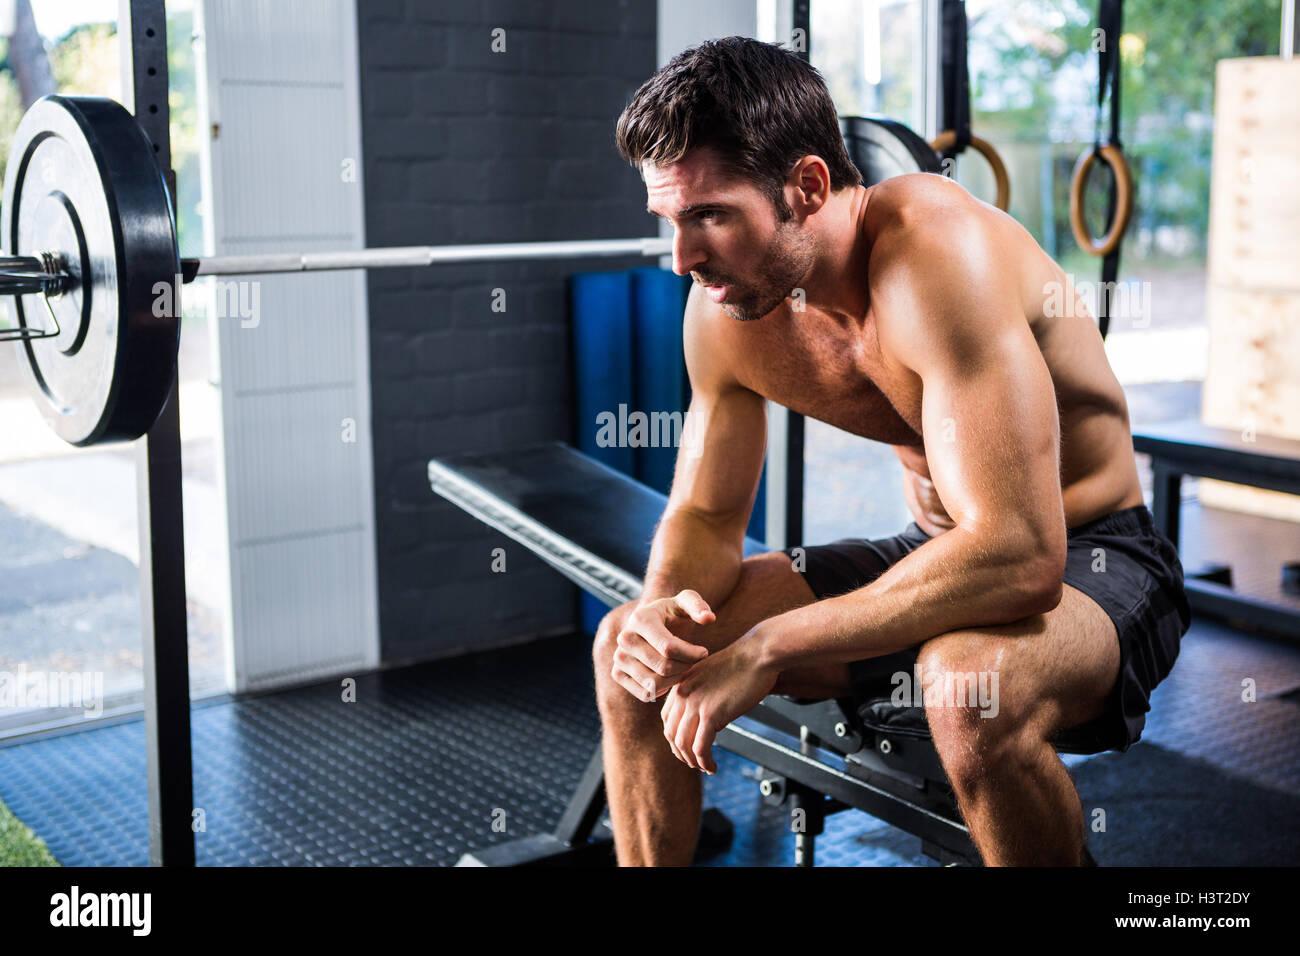 Hombre sentado en equipos para hacer ejercicio en el gimnasio Imagen De Stock